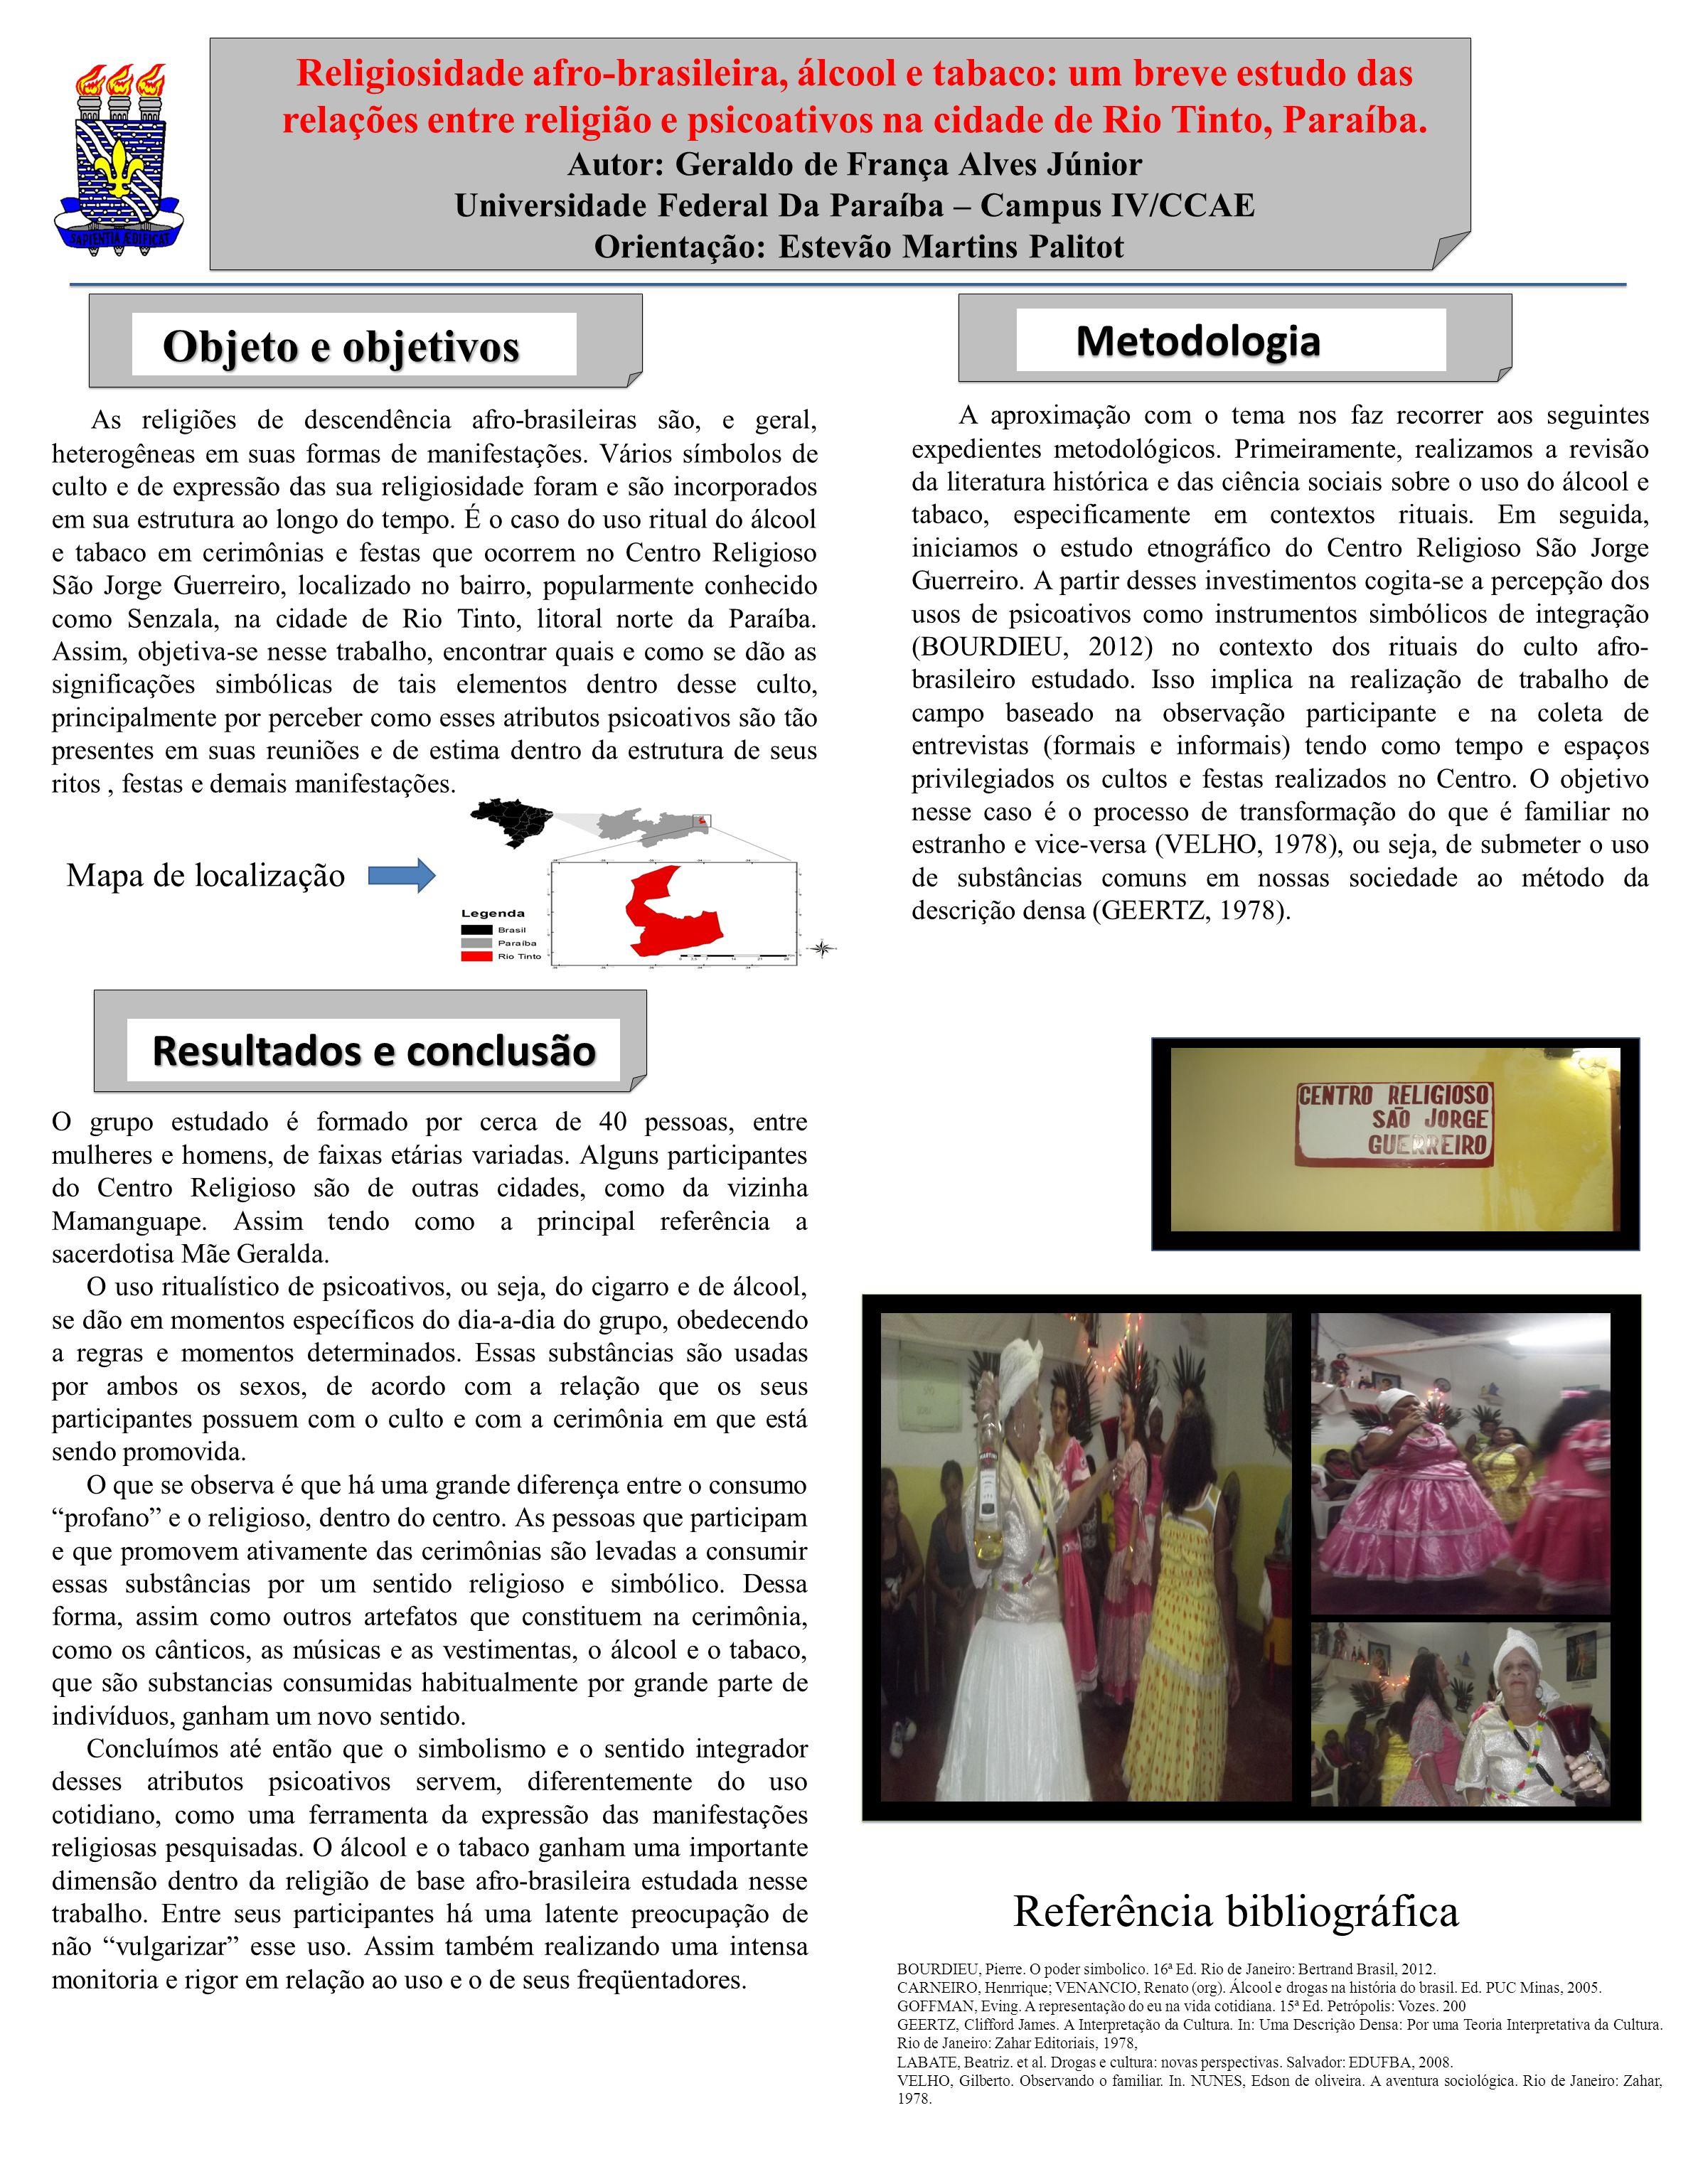 Objeto e objetivos Objeto e objetivos Metodologia Metodologia As religiões de descendência afro-brasileiras são, e geral, heterogêneas em suas formas de manifestações.